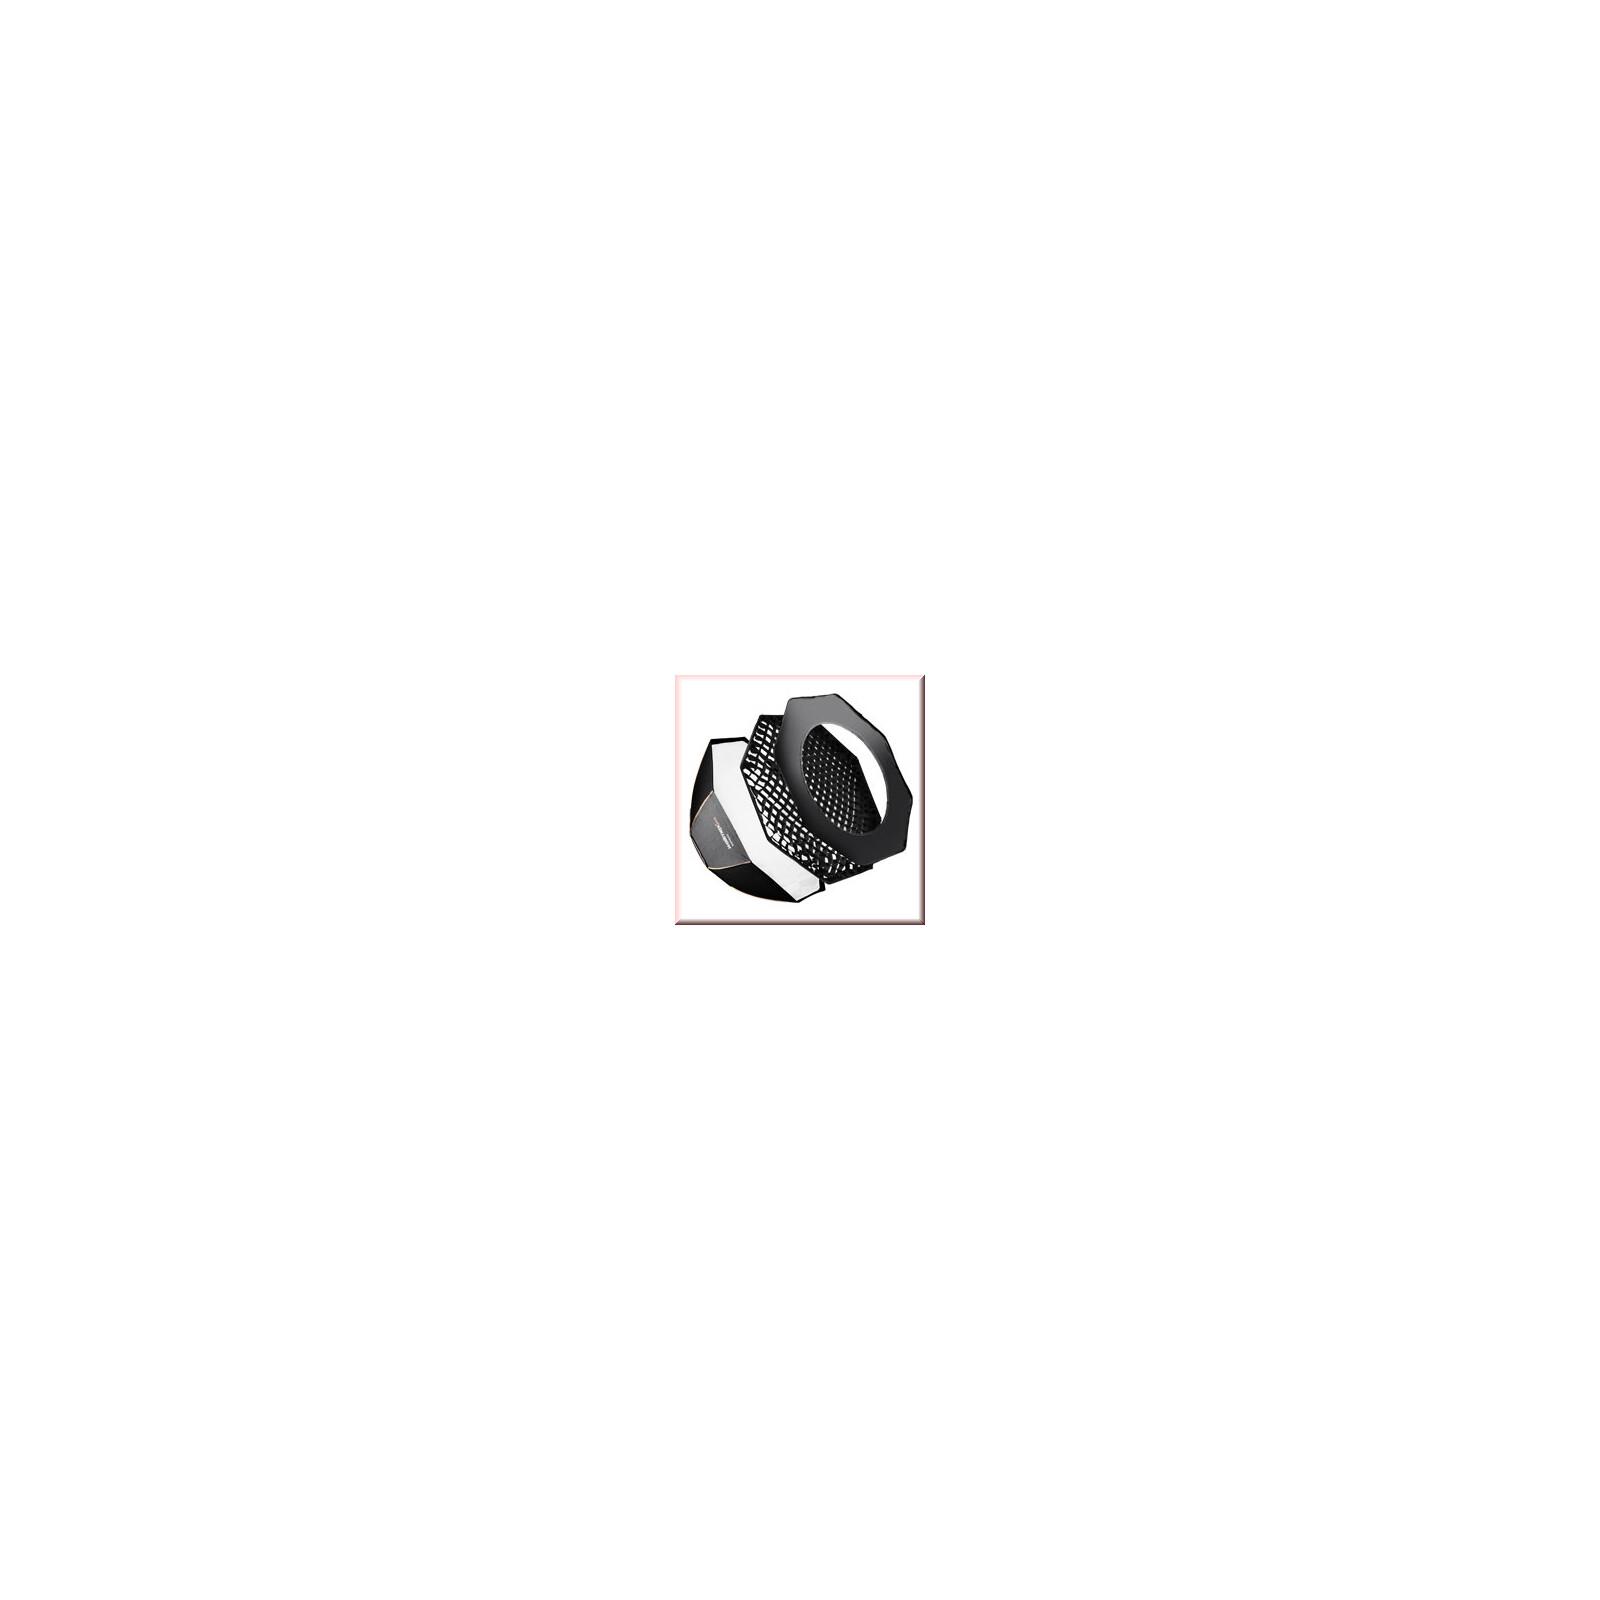 walimex pro Octa Softbox PLUS OL Ø120 Multiblitz